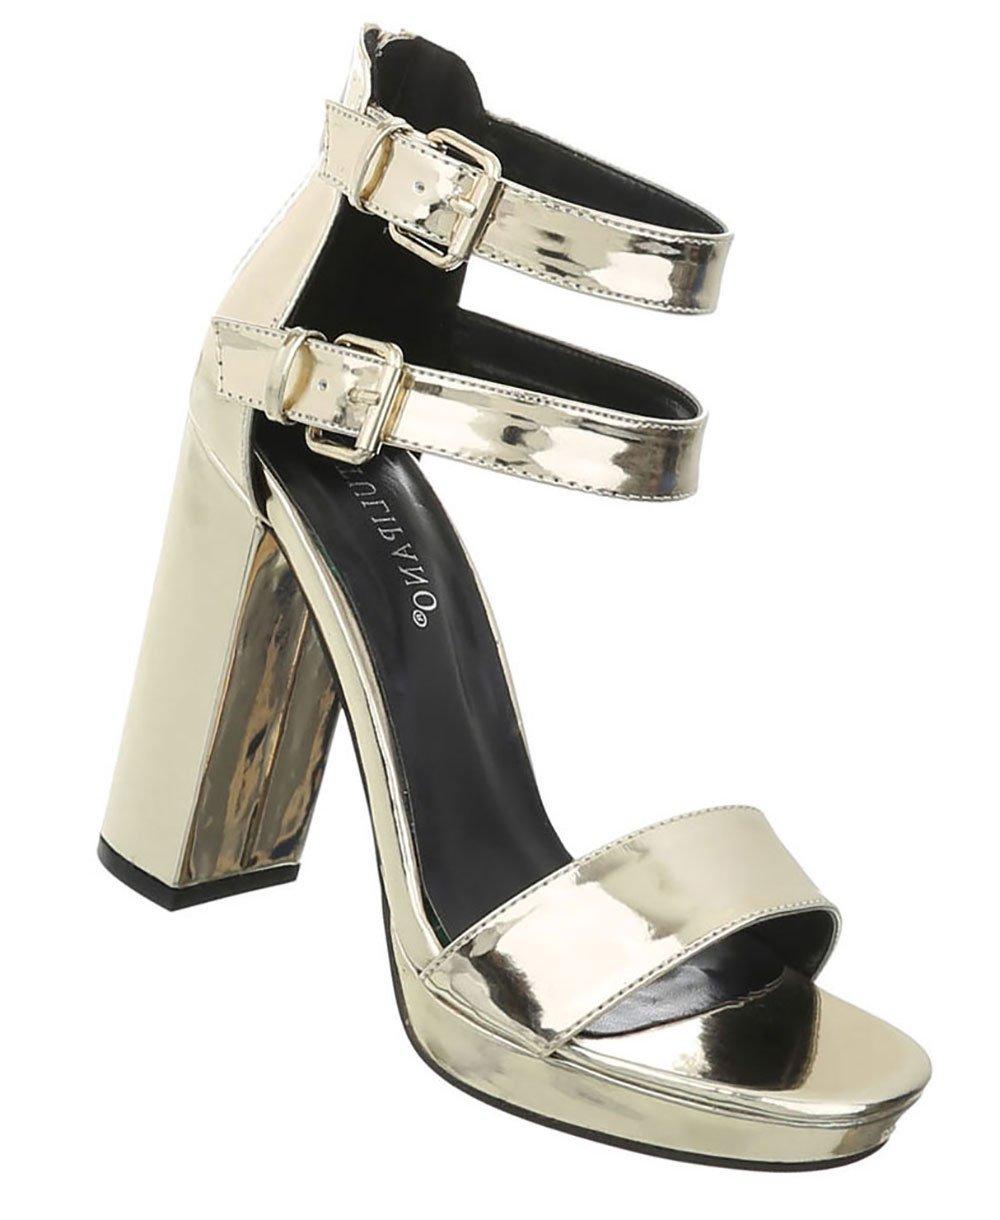 Damen Schuhe Sandaletten High Heels Plateau Pumps Abendschuhe Partyschuhe Clubschuhe Gold 38 Gd4TyujI